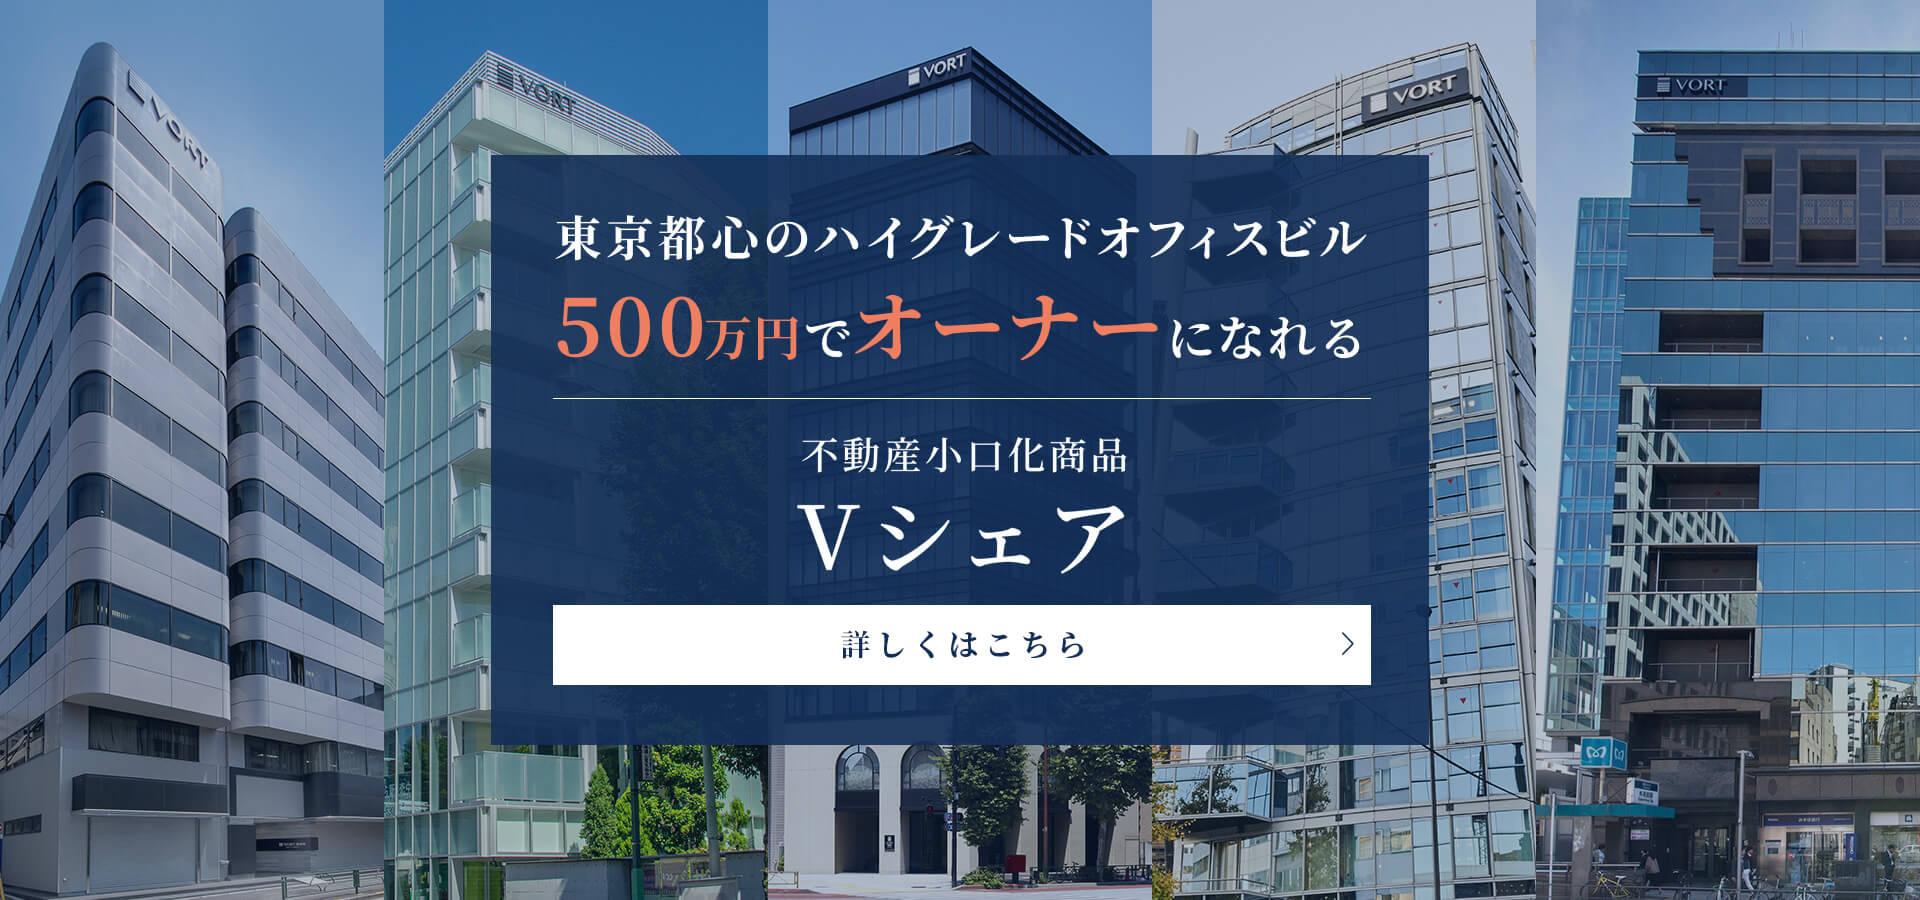 東京都心のハイグレードオフィスビル 500万円でオーナーになれる 不動産小口化商品Vシェア